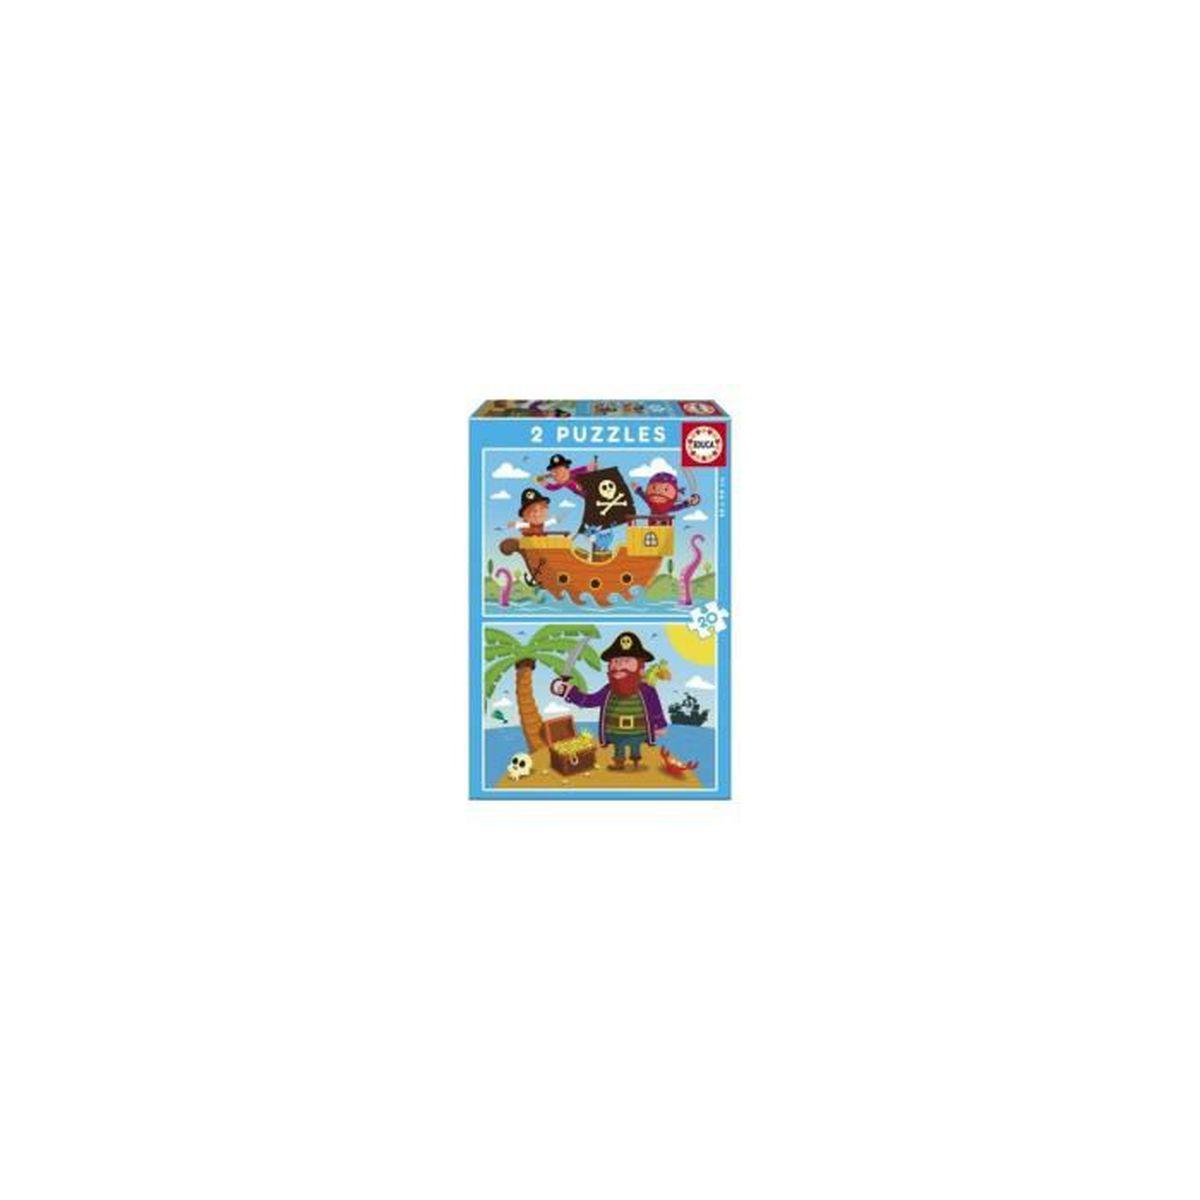 1 PUZZLE ENFANT 48 PIECES PRINCESSE PIRATE ANIMAUX 36.5 X 26.4 CM JOUET